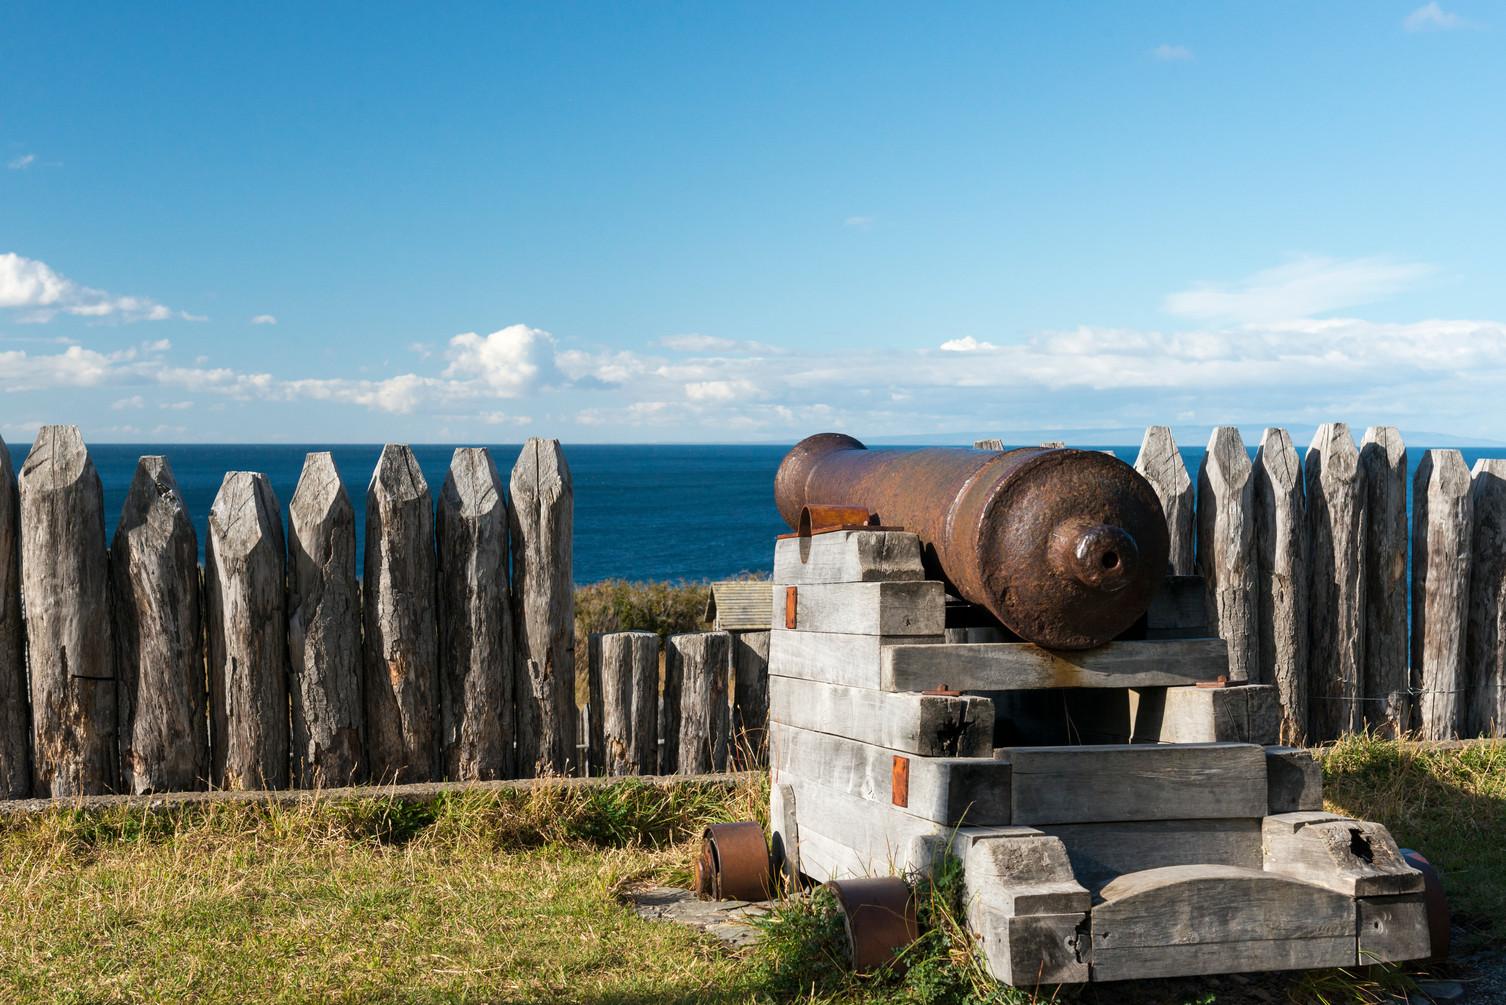 Fort Bulnes - Magellan Strait Park